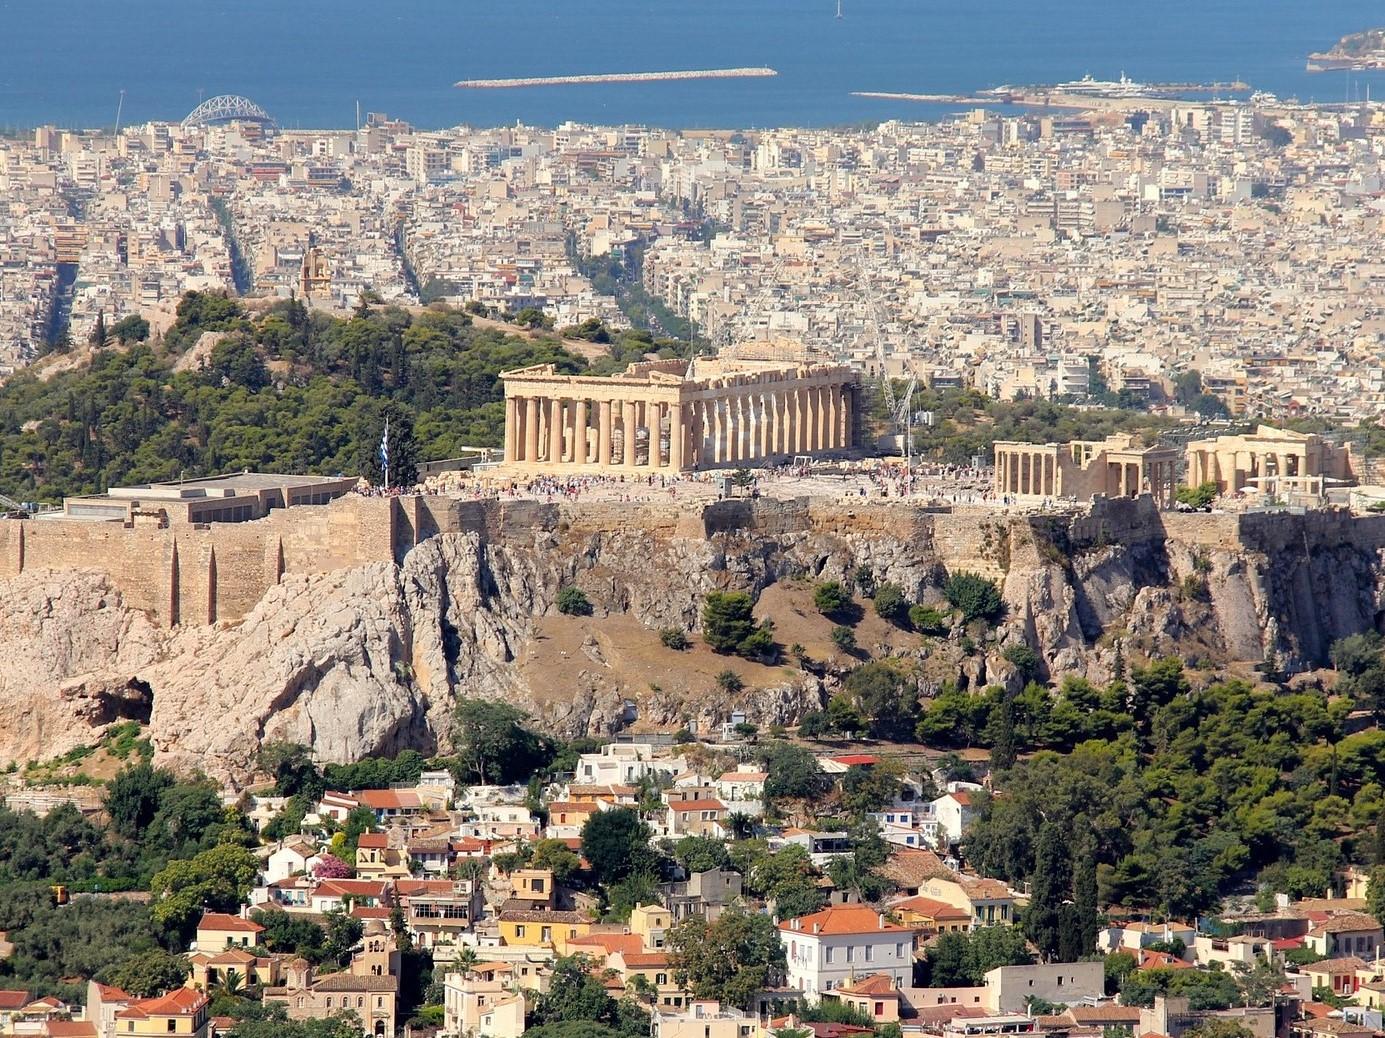 ギリシャ共和国